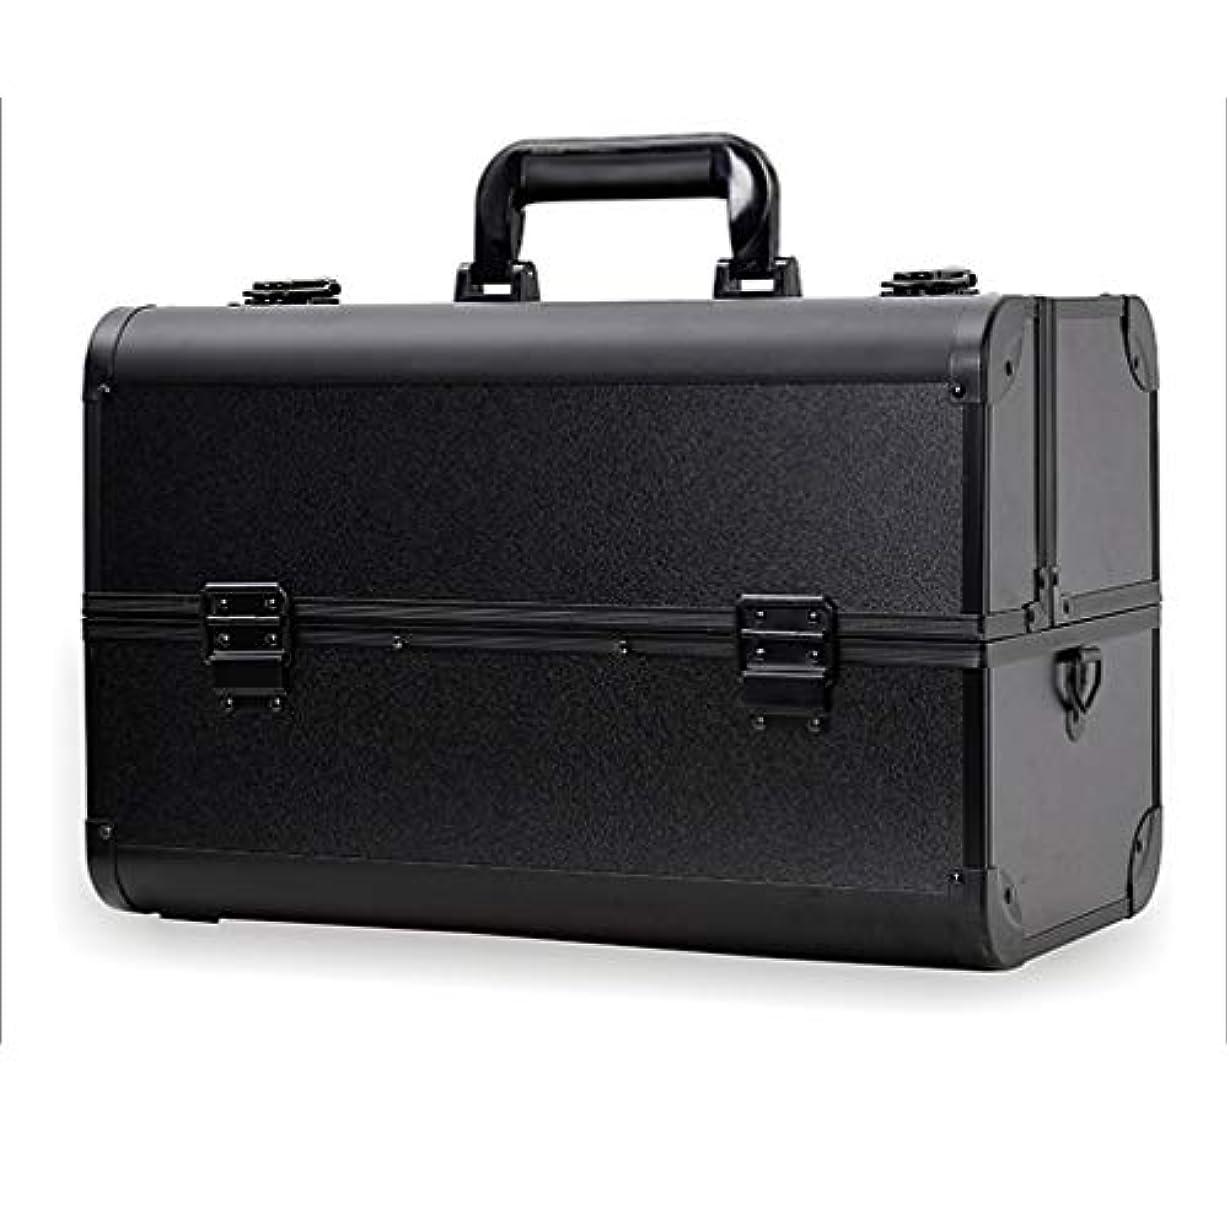 ソビエト対応受け入れたメイクボックス コスメボックス 大容量 2段 化粧ボックス プロ 収納力抜群 鍵付き 洗える 肩掛け かわいい プレゼント 彼女友達へ 取っ手付 コスメBOX ブラック XL